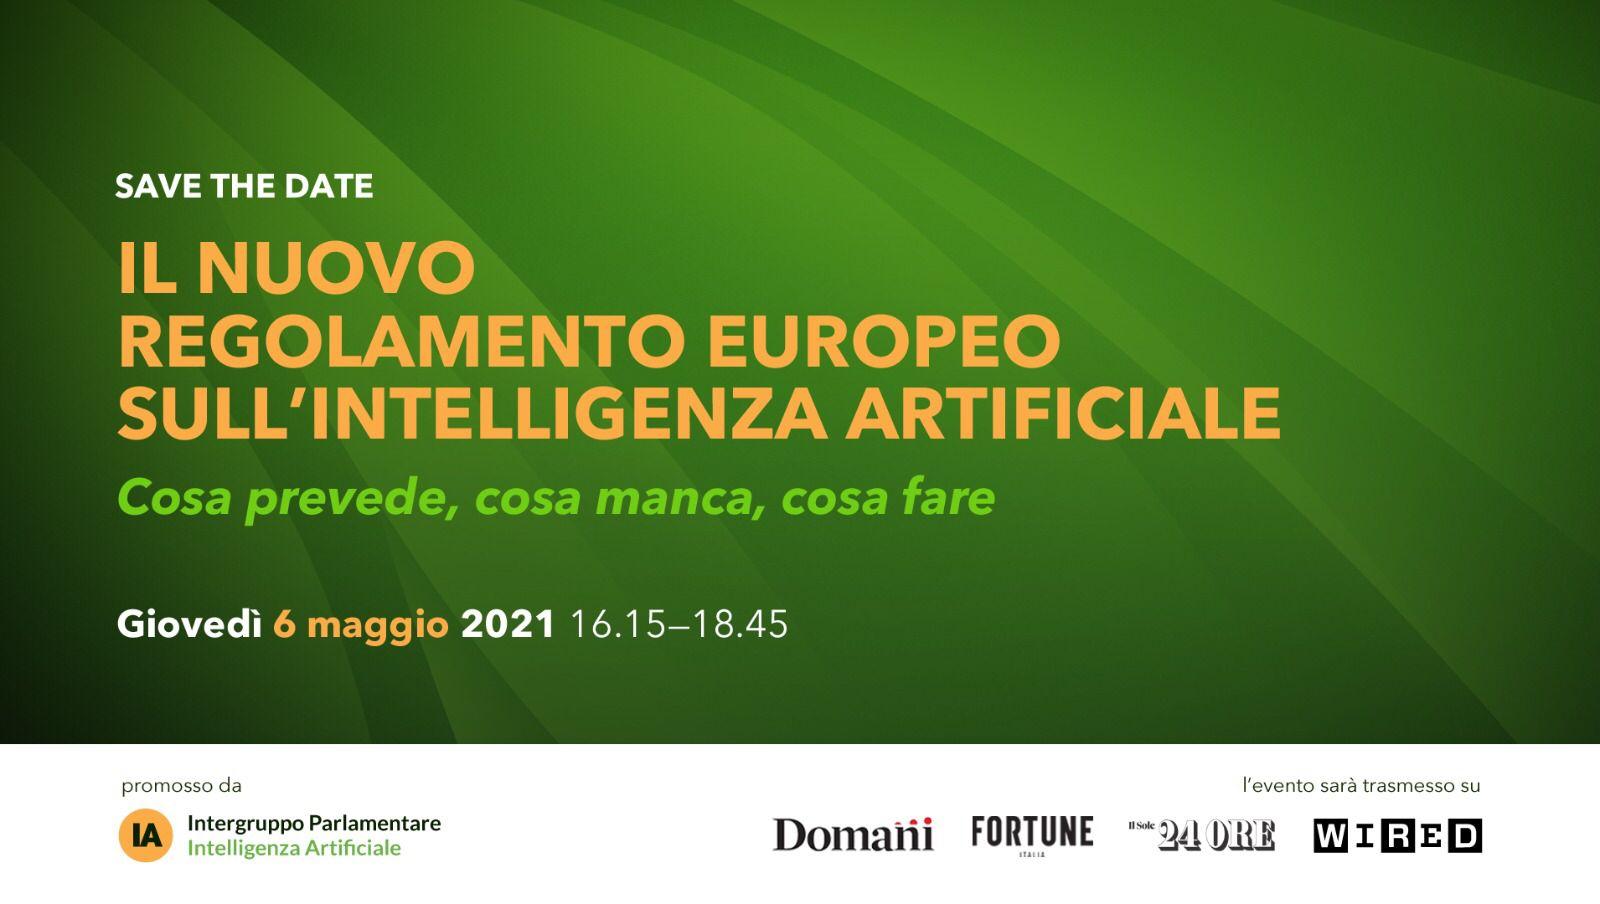 dove-ci-portera-il-nuovo-regolamento-europeo-sull'intelligenza-artificiale.-un-evento-in-streaming